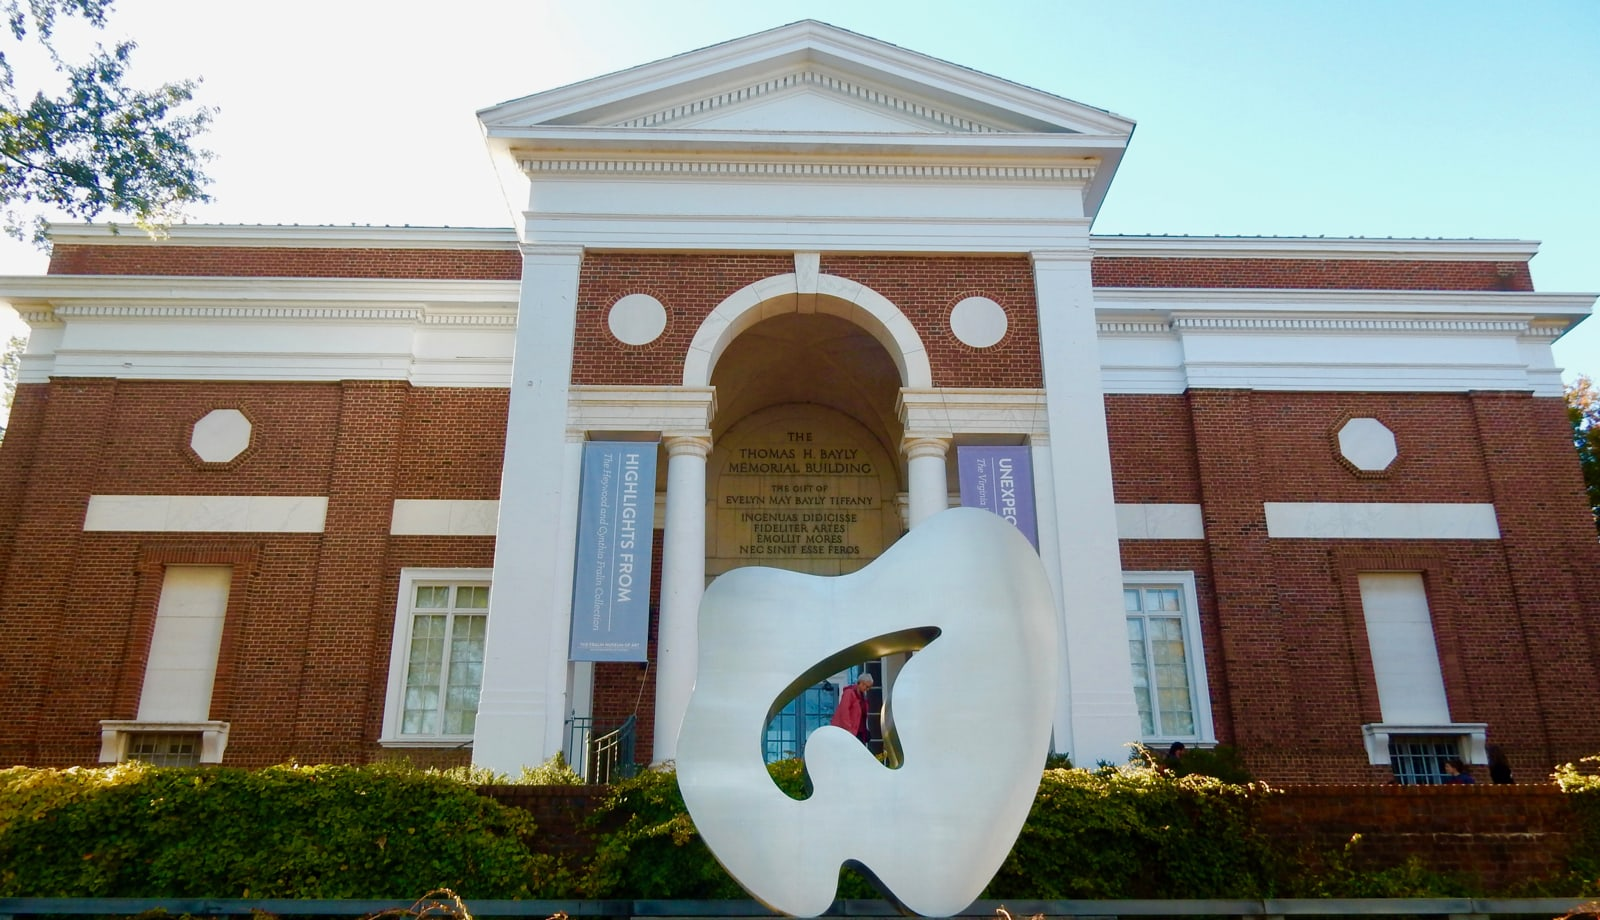 Fralin Museum of Art on UVA Campus Charlottesville VA